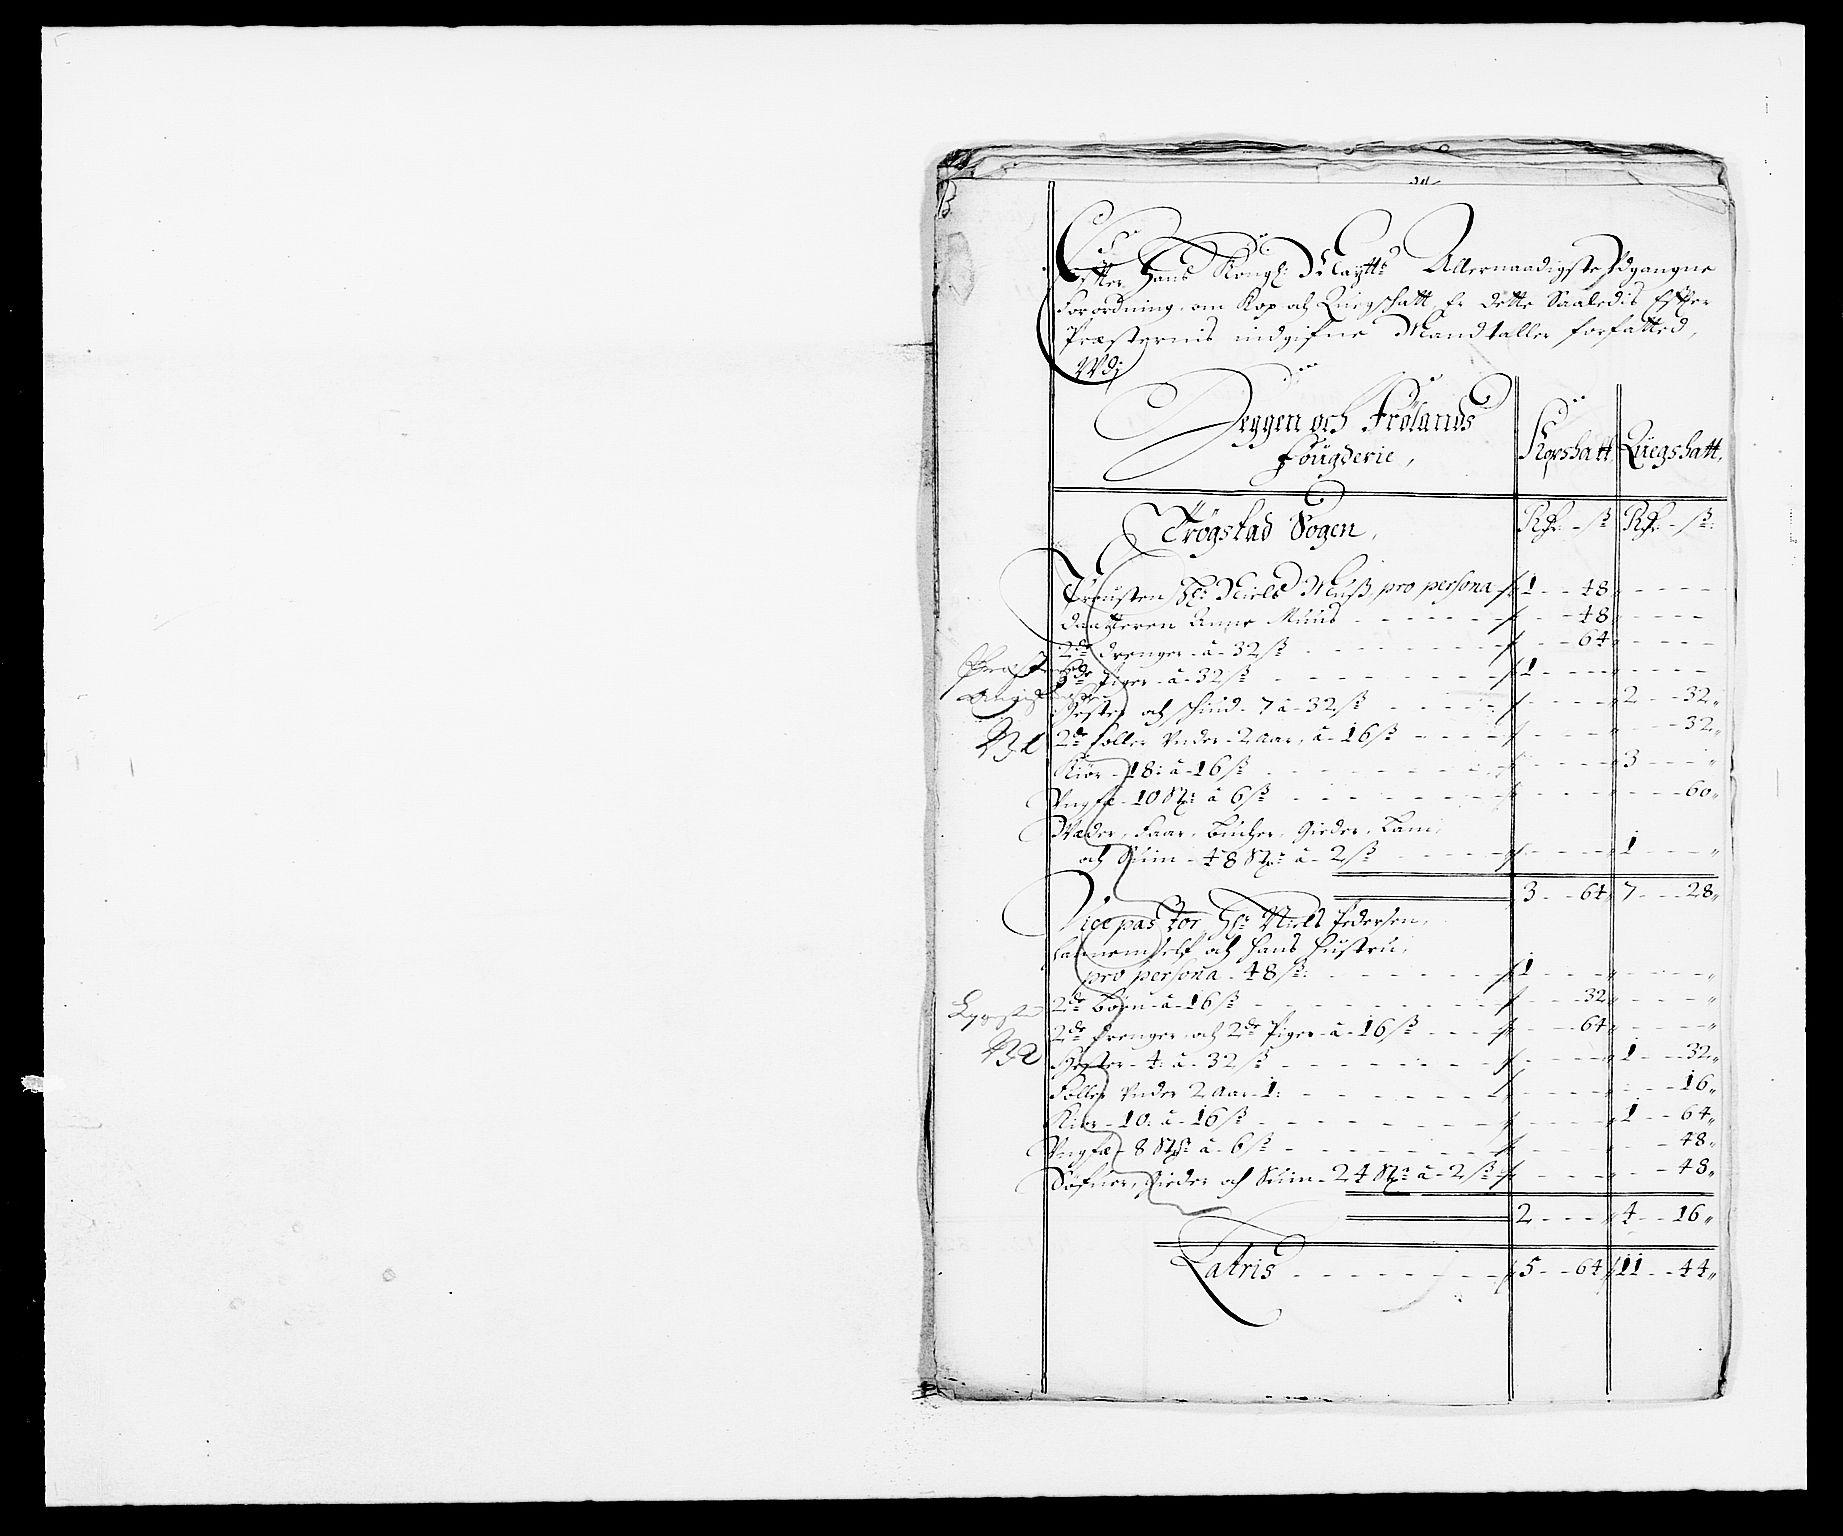 RA, Rentekammeret inntil 1814, Reviderte regnskaper, Fogderegnskap, R06/L0280: Fogderegnskap Heggen og Frøland, 1681-1684, s. 408